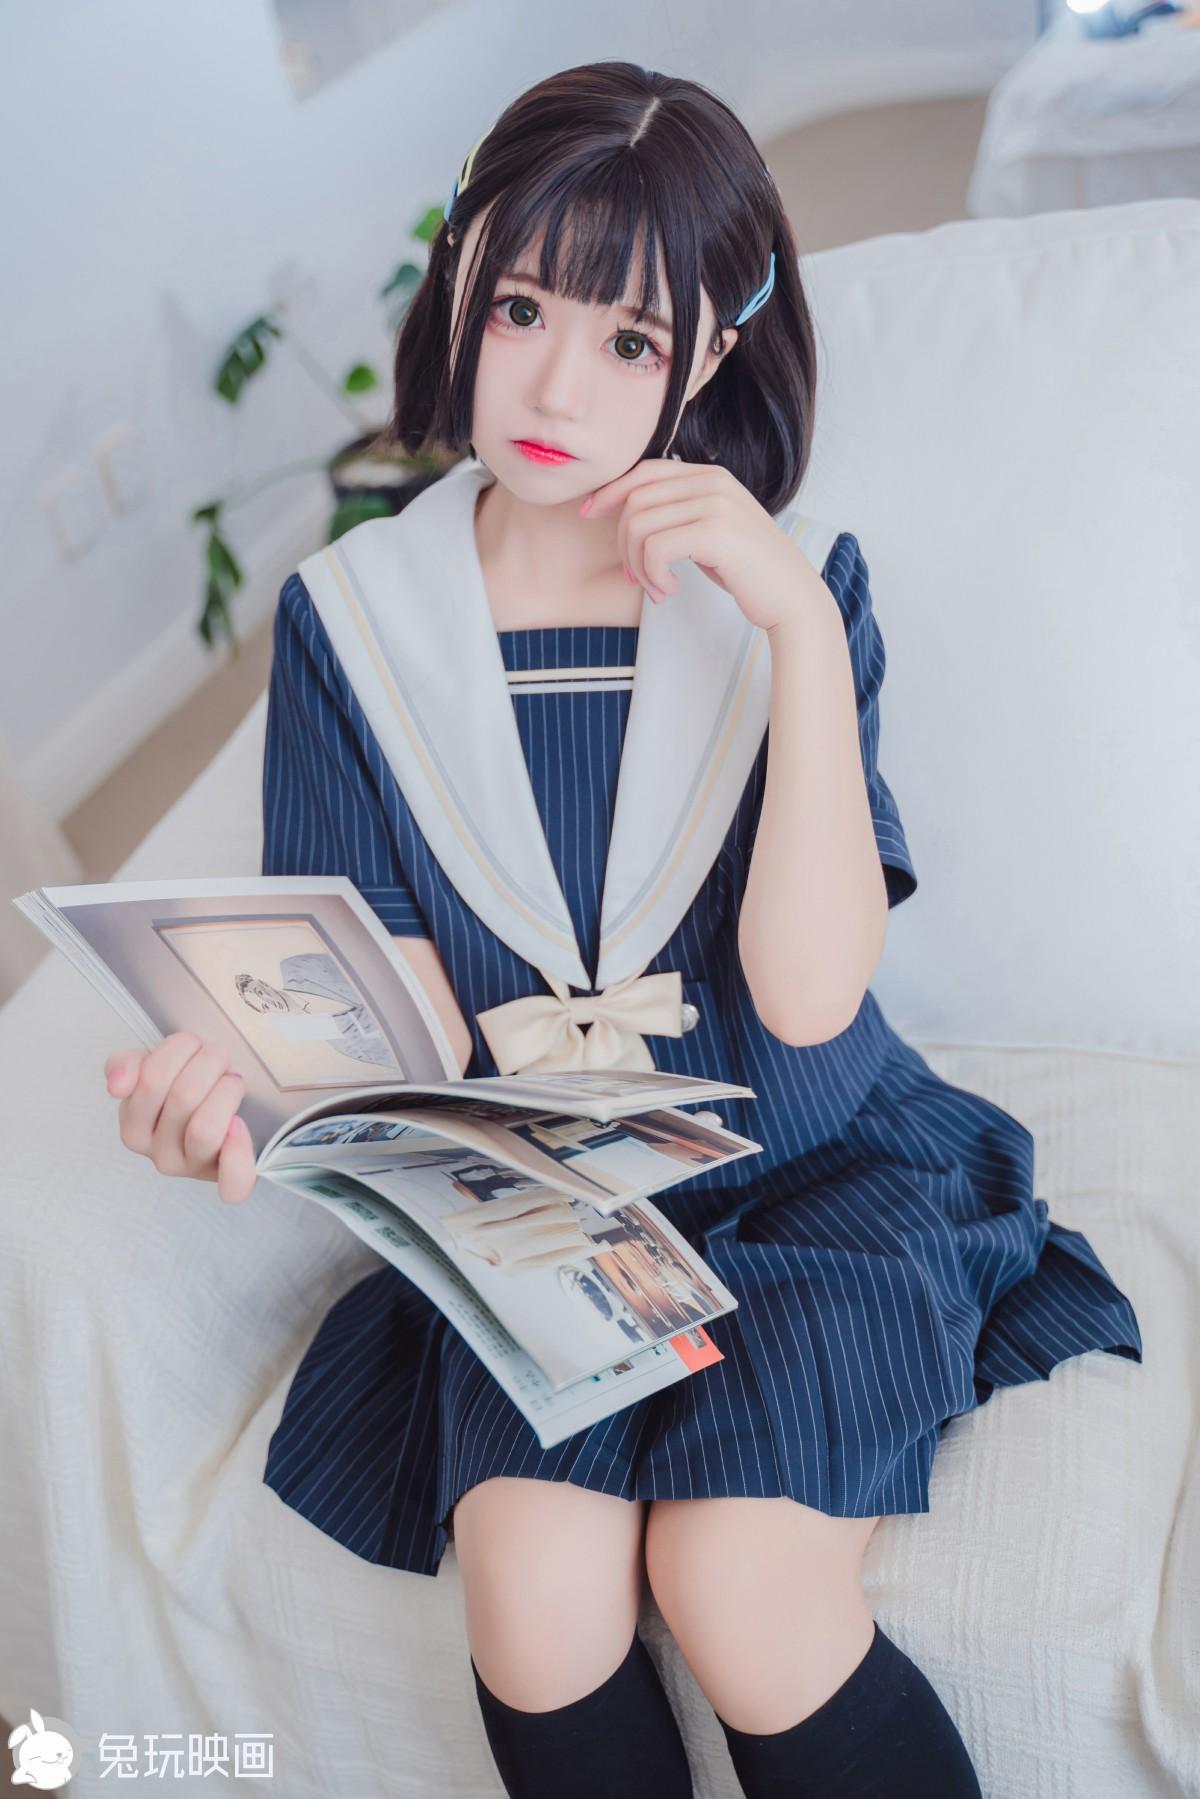 兔玩映画系列 JK制服 Vol.034 清纯学妹[40P] 兔玩映画 第1张